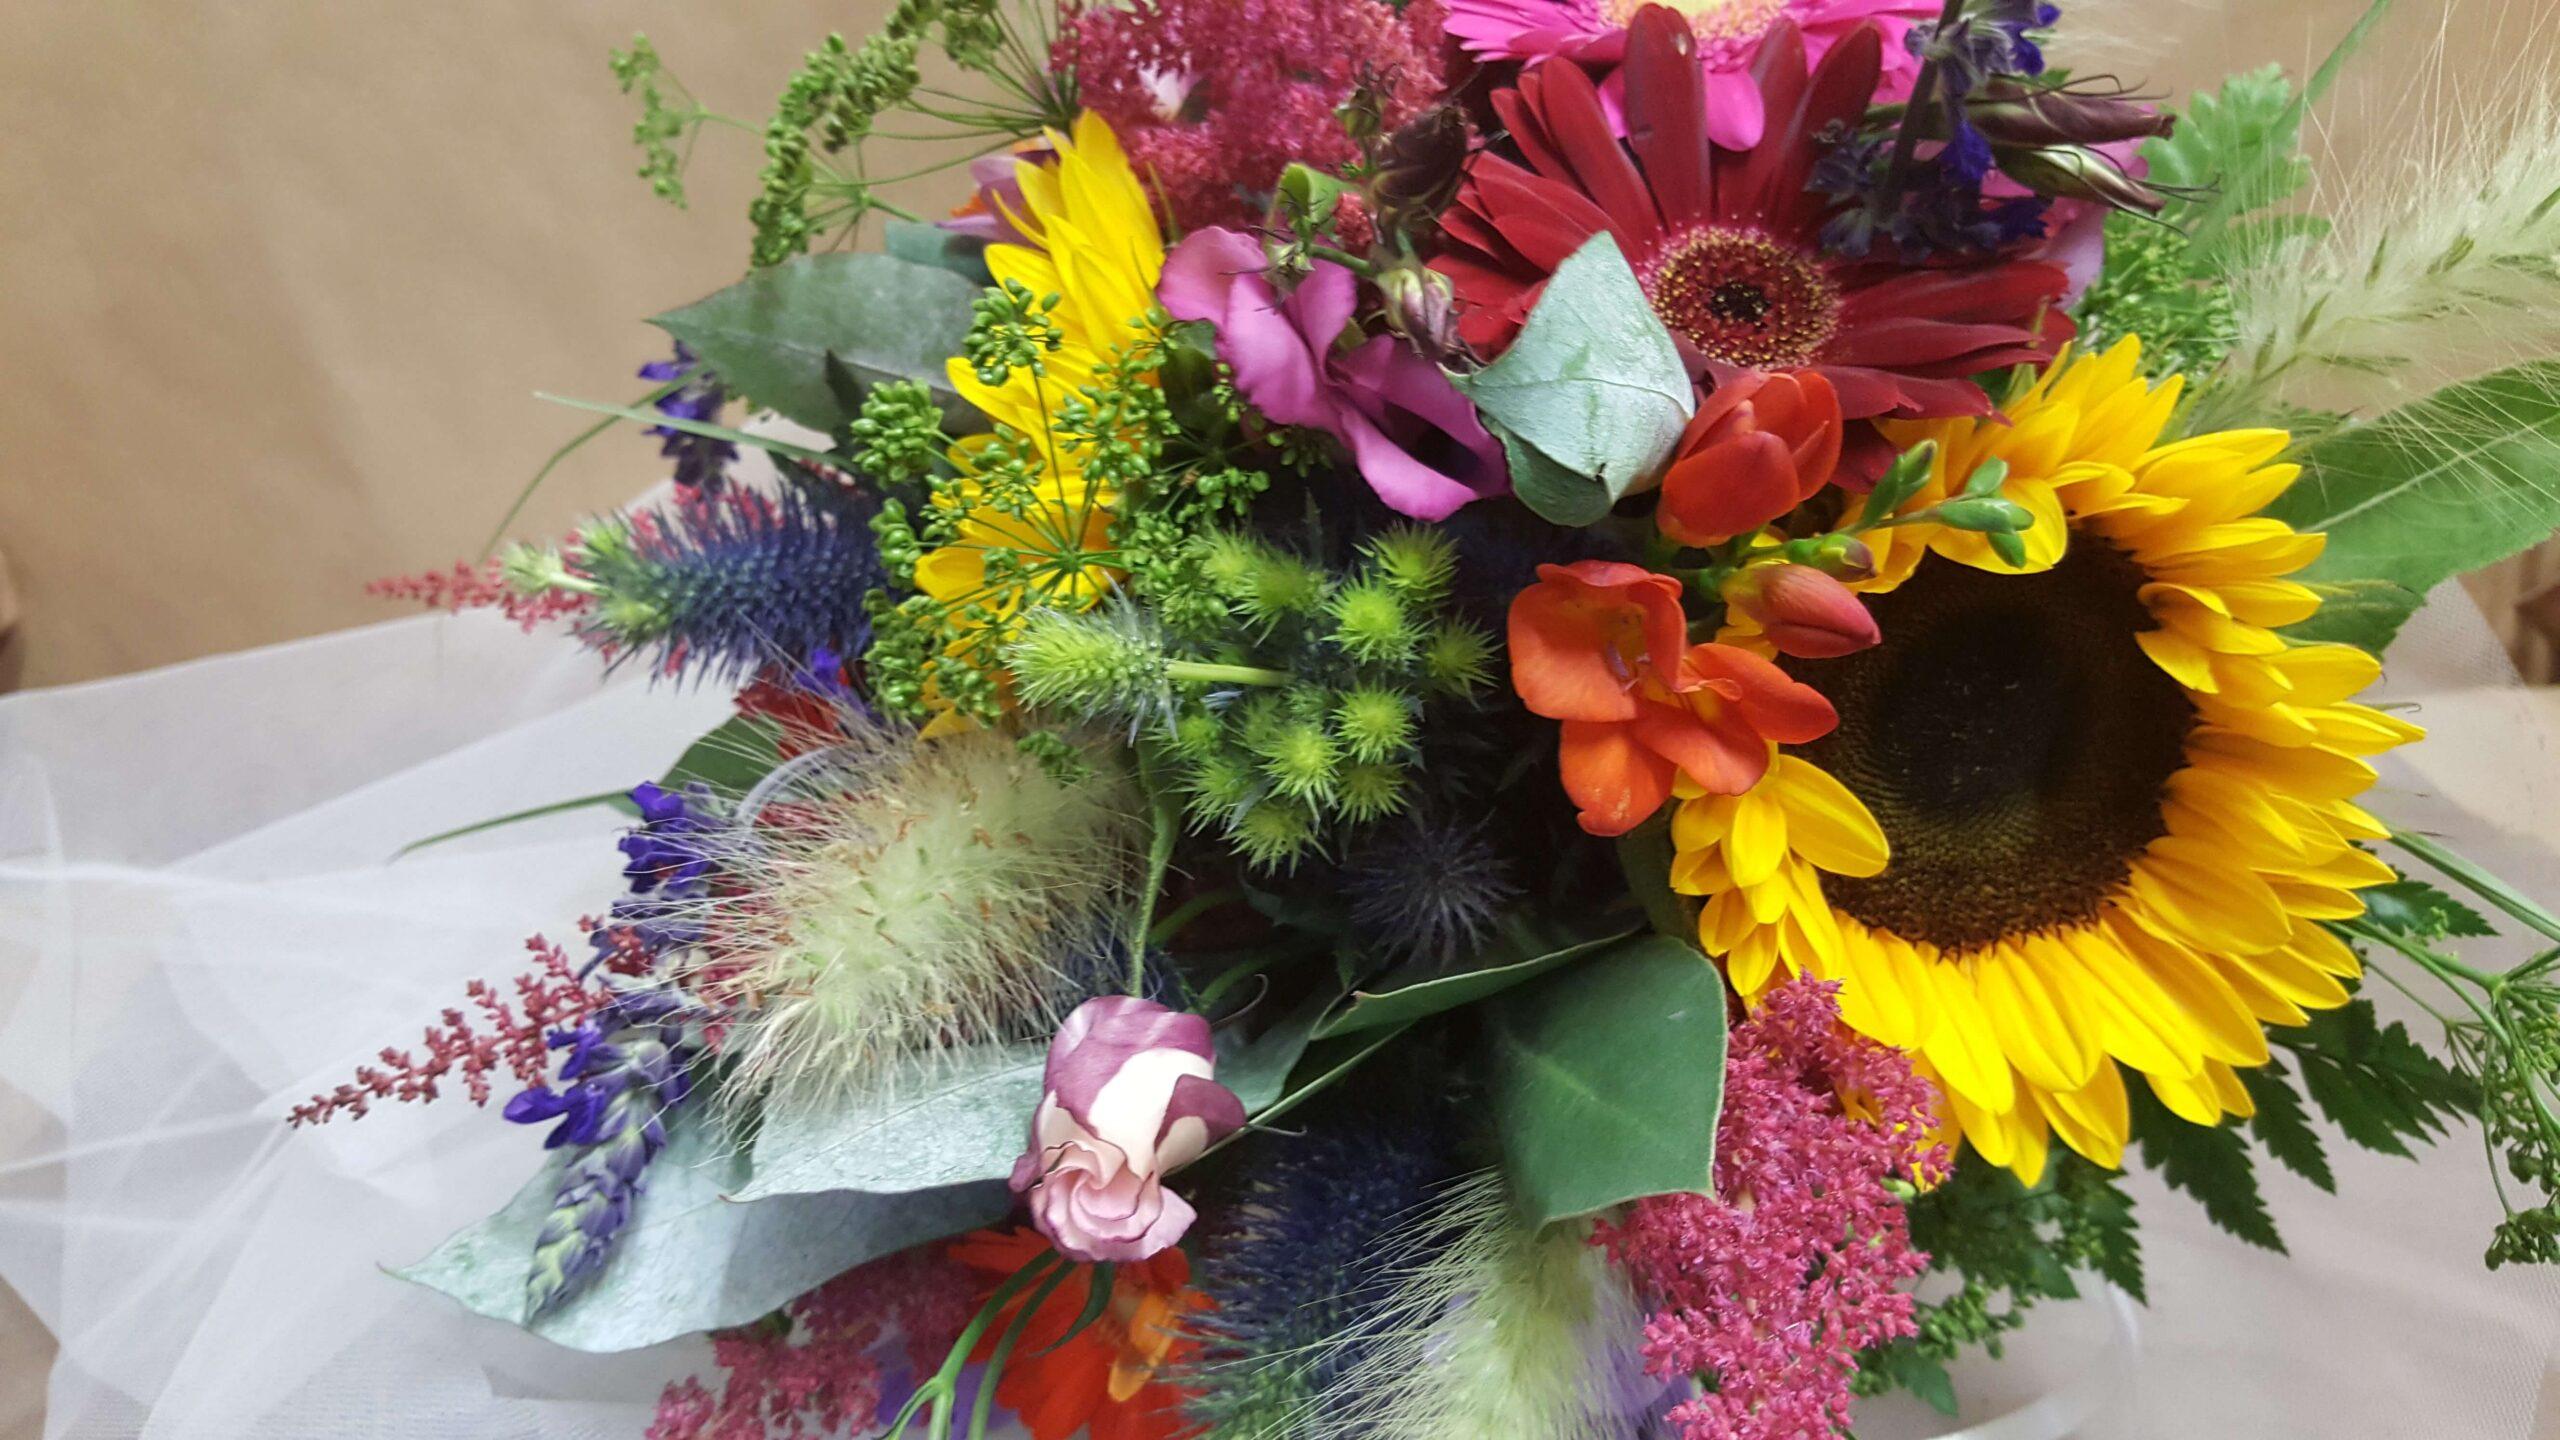 Fleuriste à Gargilesse - Livraison de fleurs à Dampierre (36)